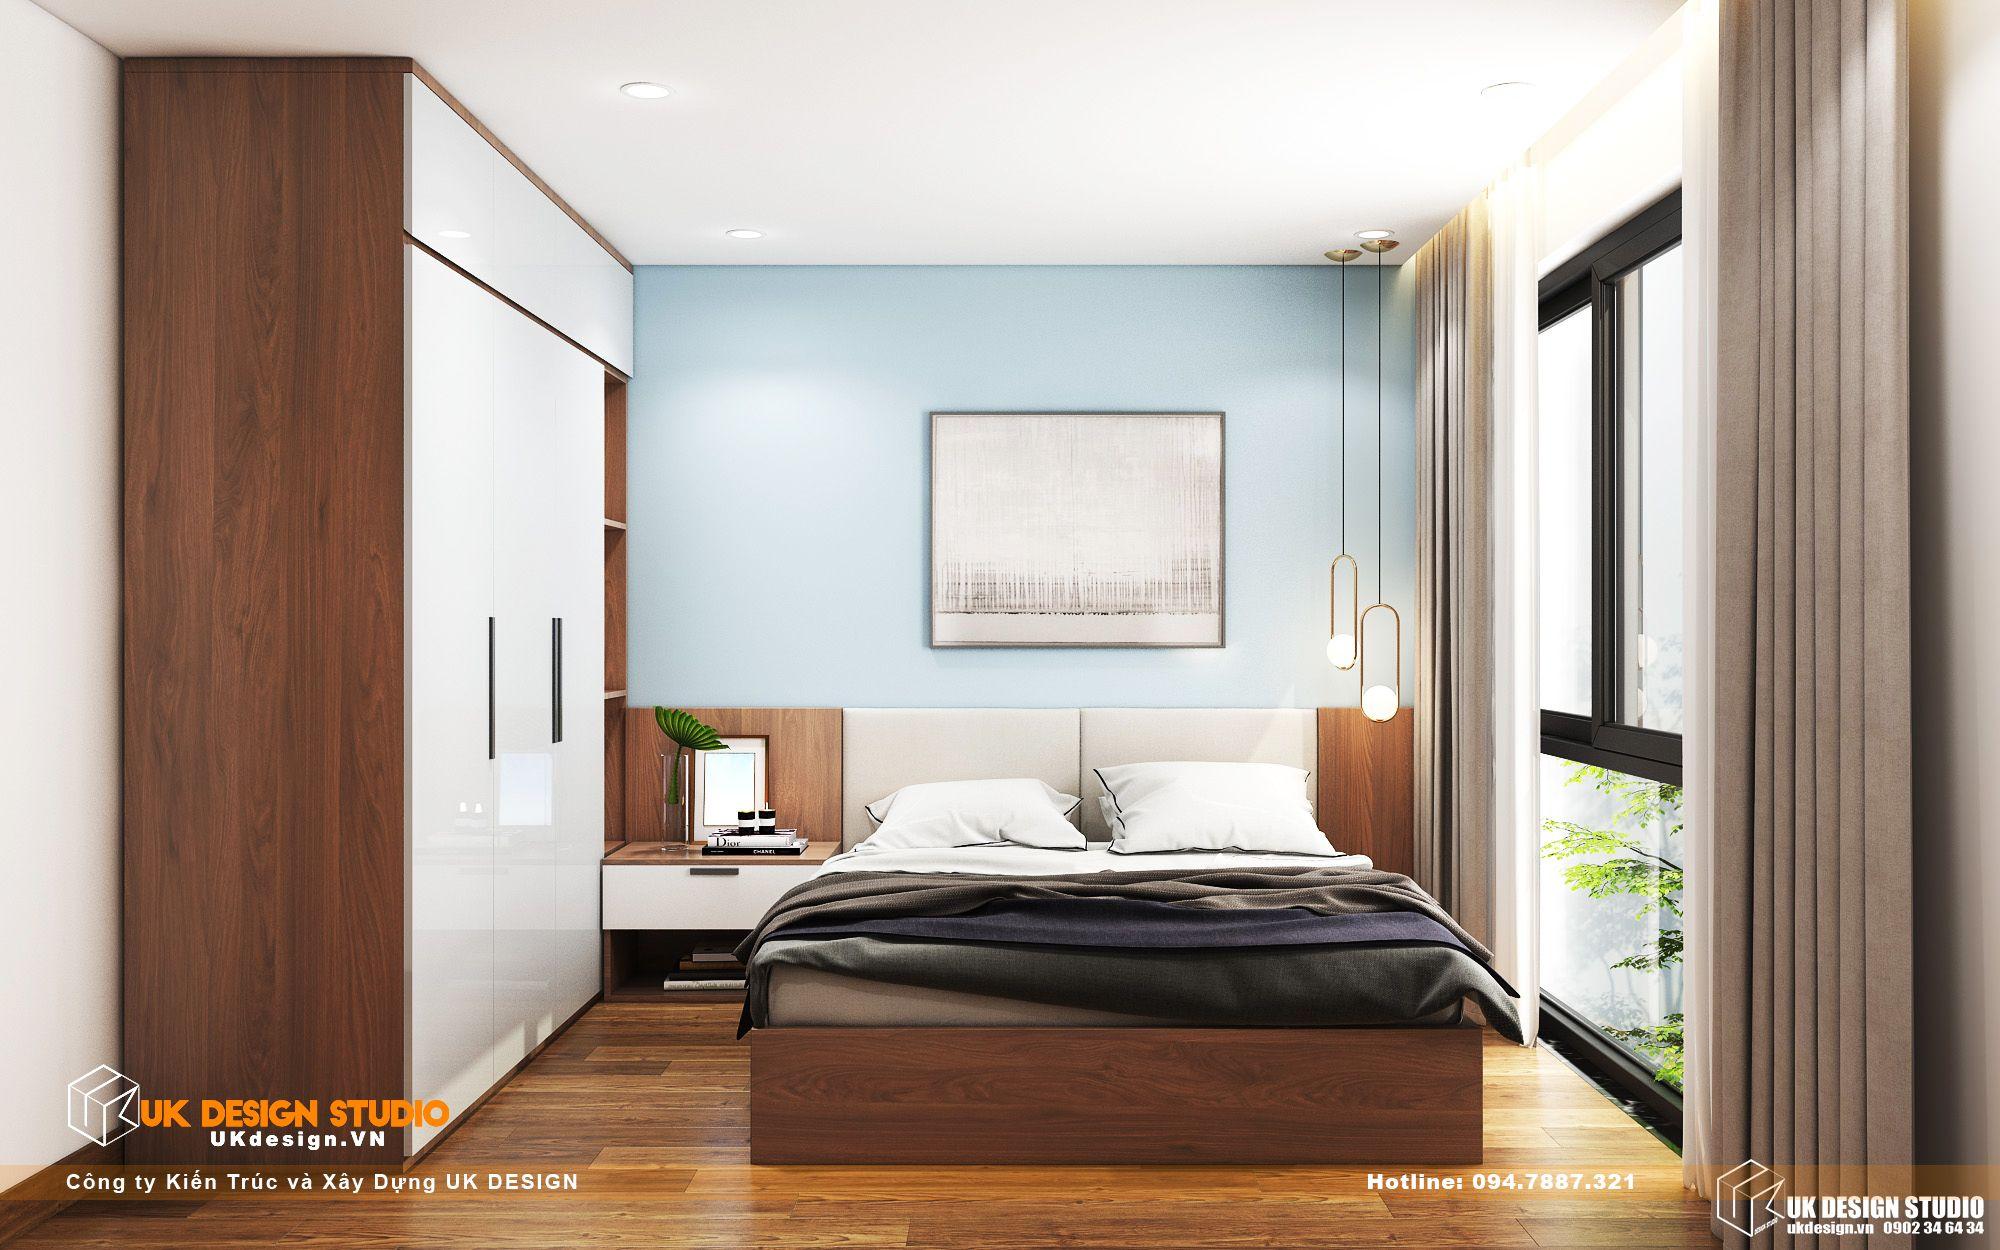 Thiết kế nội thất biệt thự nhà đẹp 3 tầng ở Quận 8 - phòng ngủ khách 1